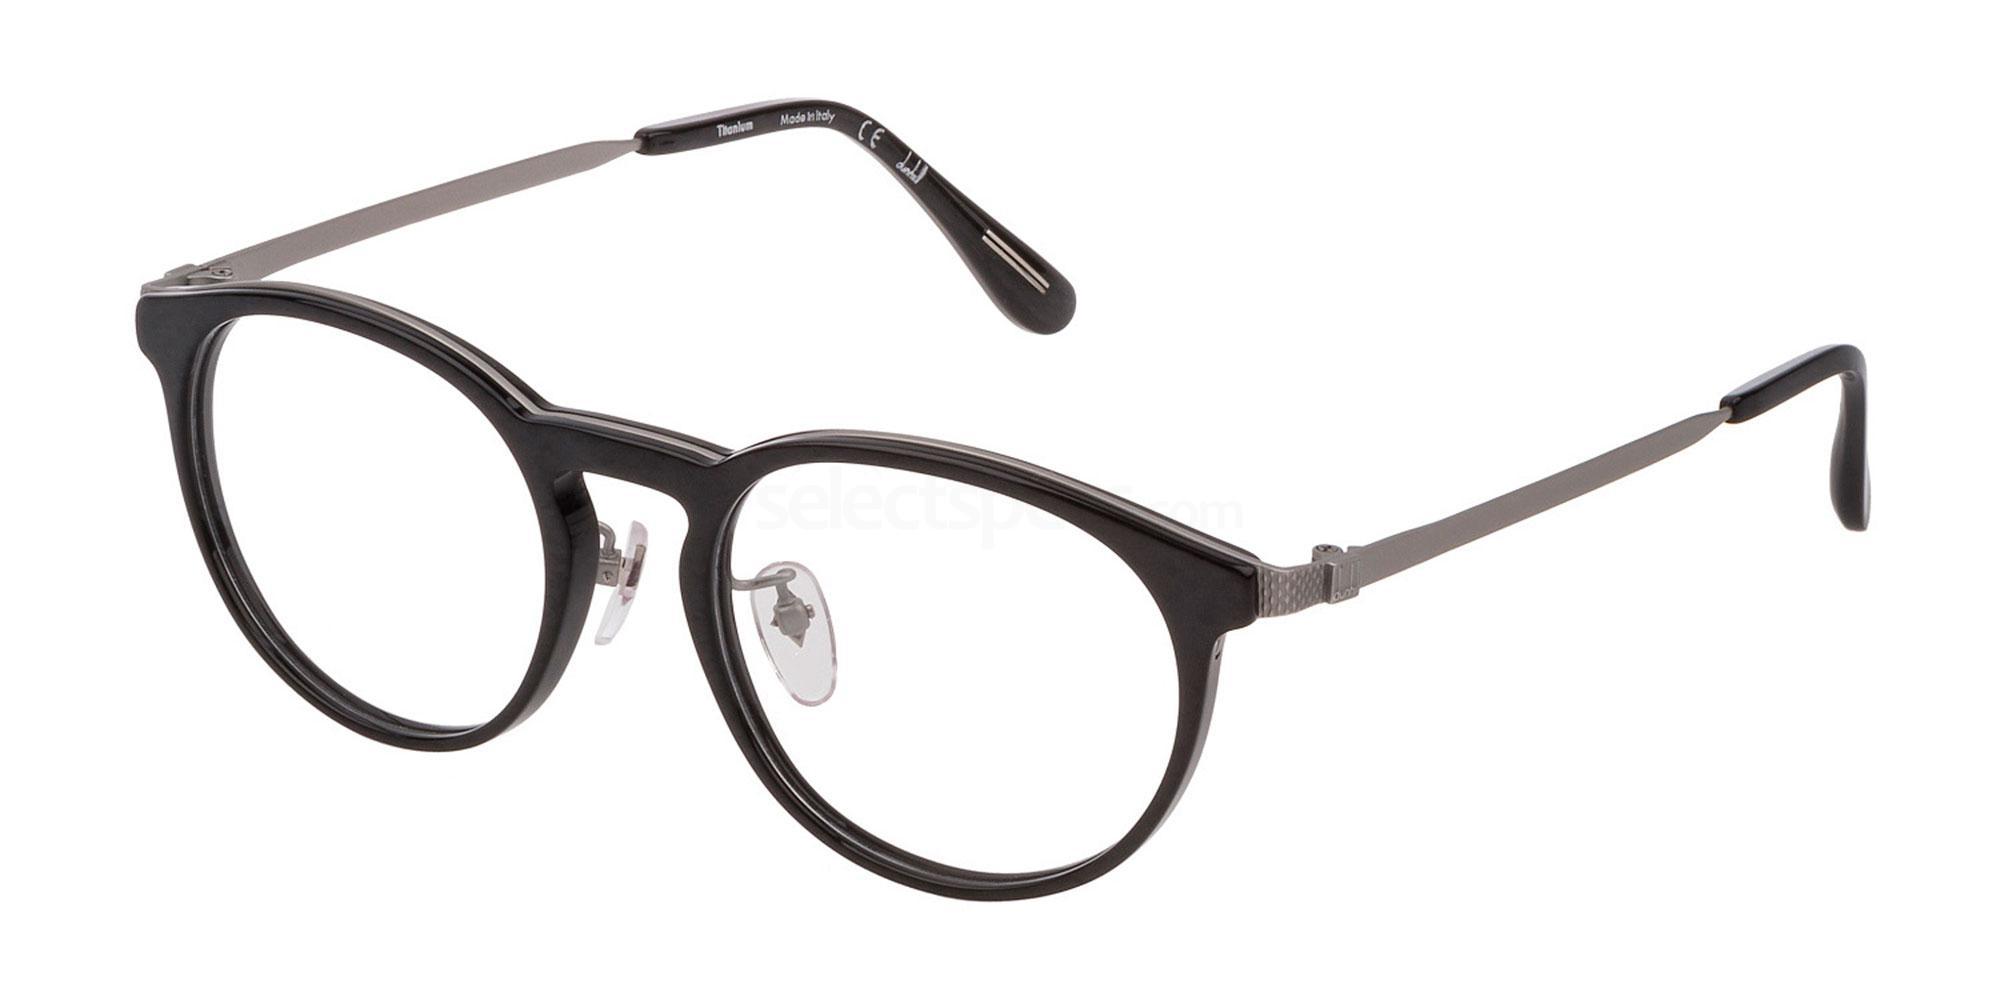 02AN VDH160G Glasses, Dunhill London